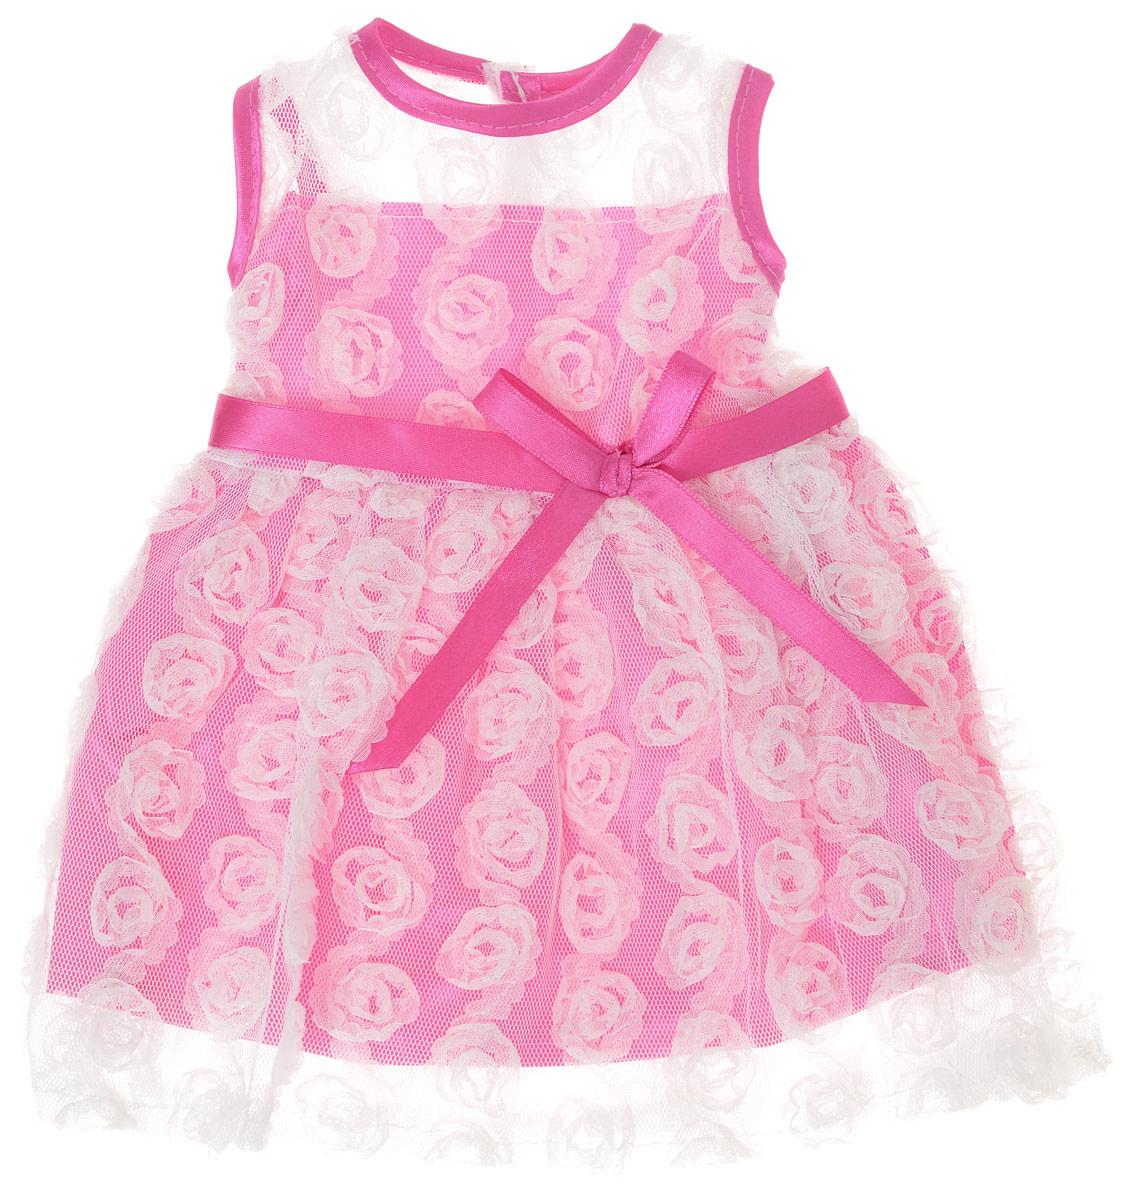 Junfa Toys Одежда для кукол Платье с гипюром цвет платья розовый junfa toys одежда для кукол платье цвет платья темно синий